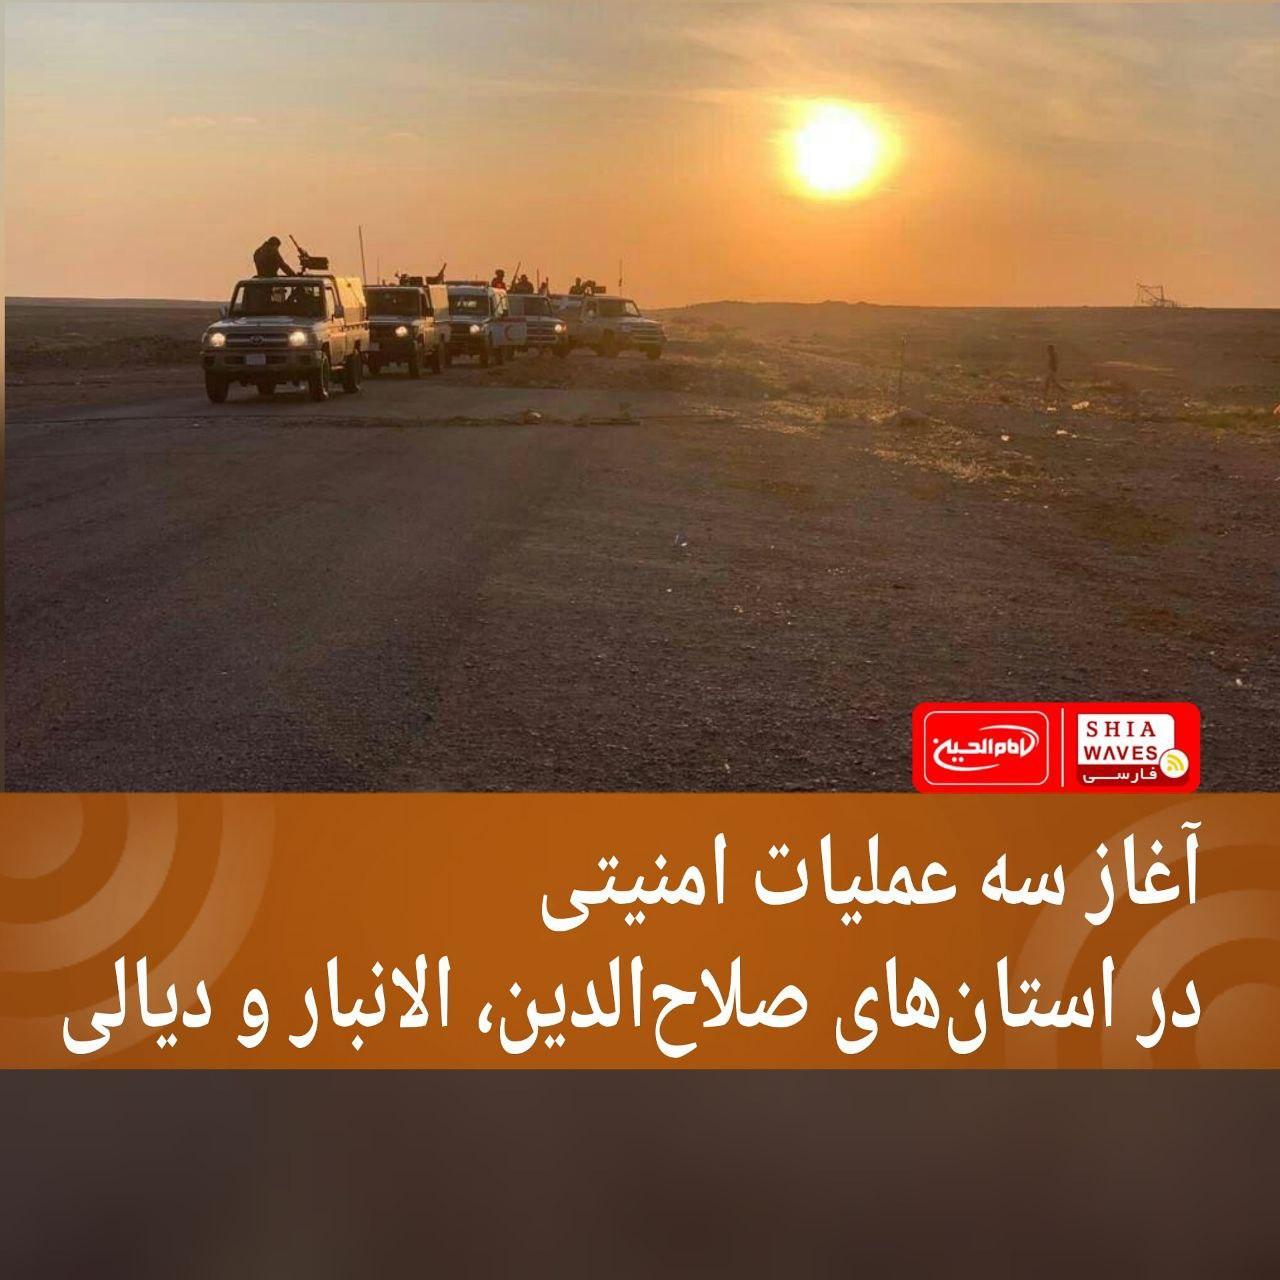 تصویر آغاز سه عملیات امنیتی در استانهای صلاح الدین، الانبار و دیالی